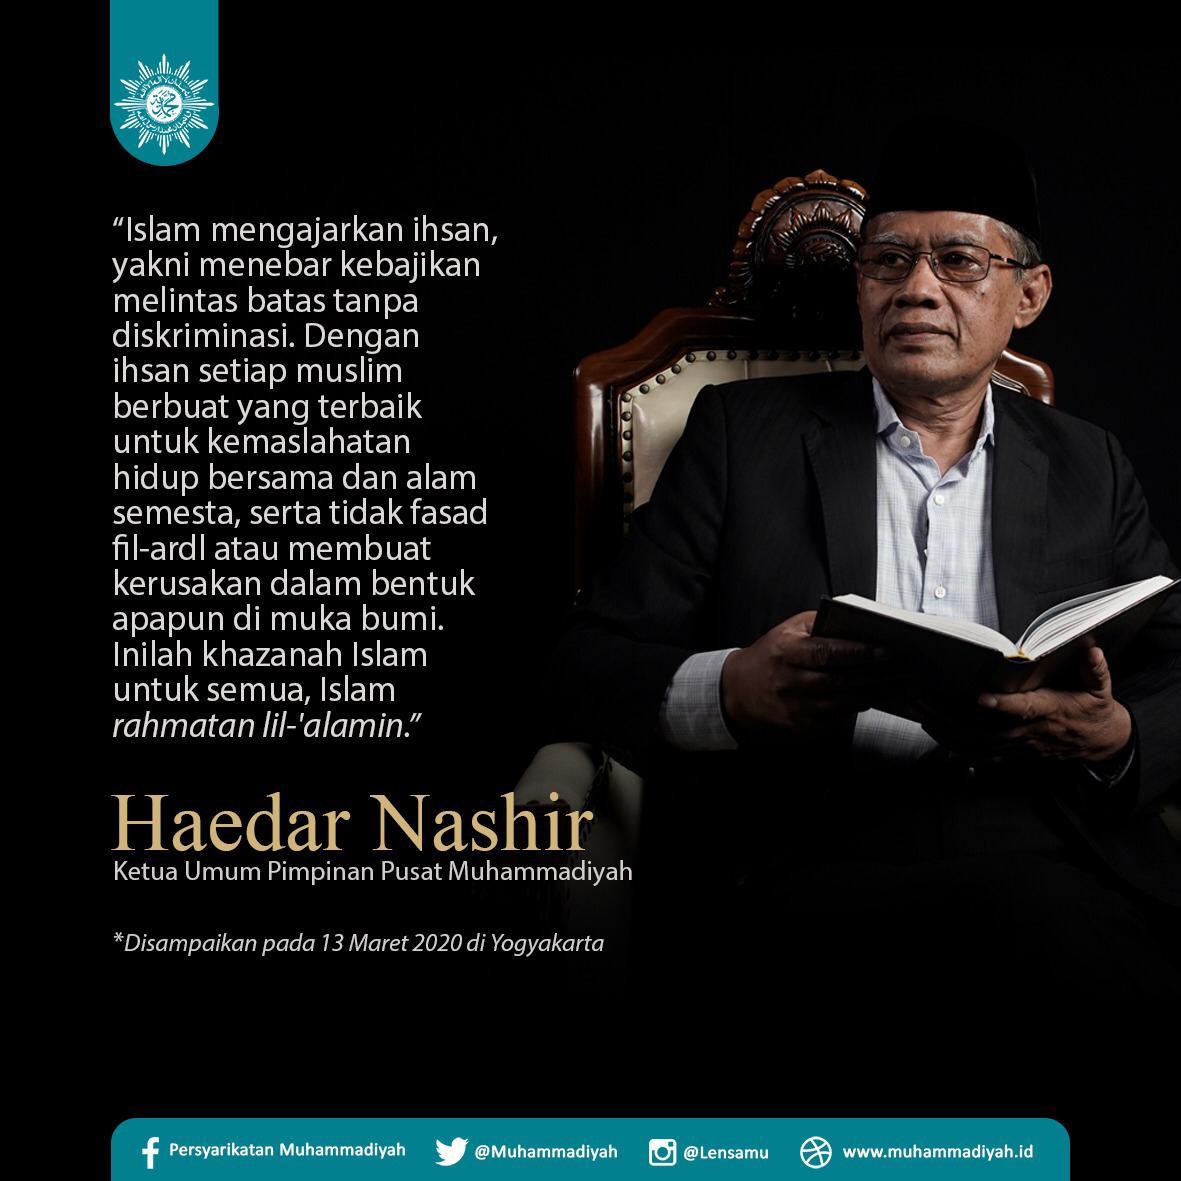 Haedar Nashir On Twitter Jadikan Islam Sebagai Agama Untuk Semua Islam Rahmatan Lil Alamin Muhammadiyah Haedarnashir